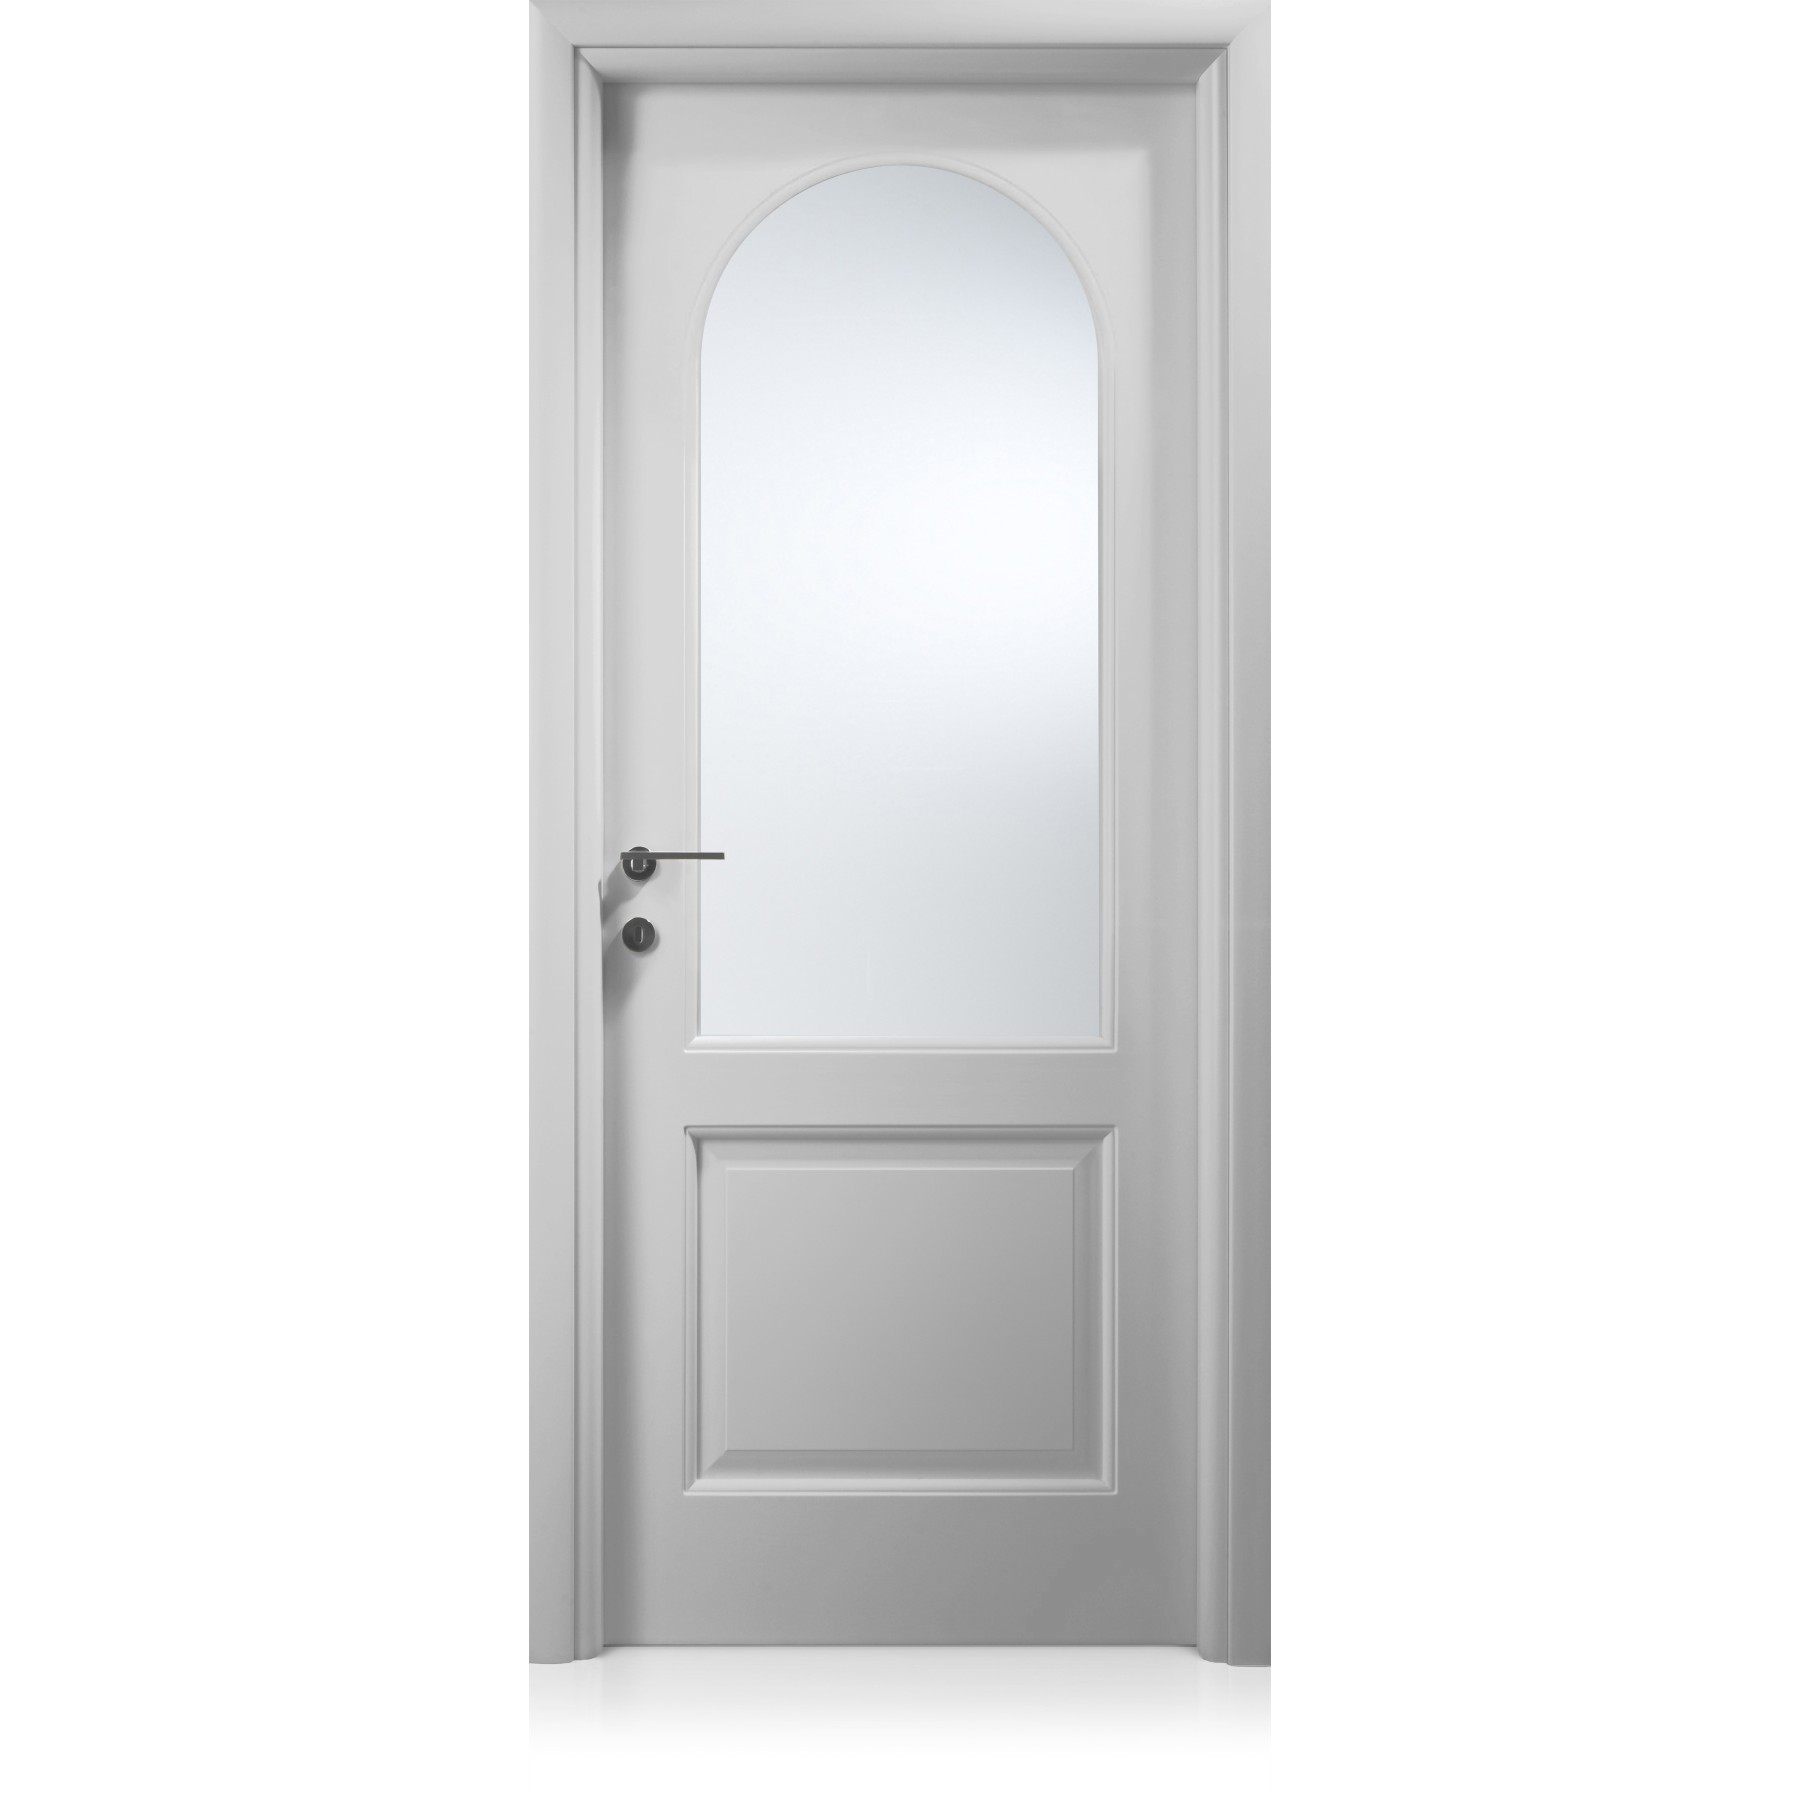 Epoca bianco door